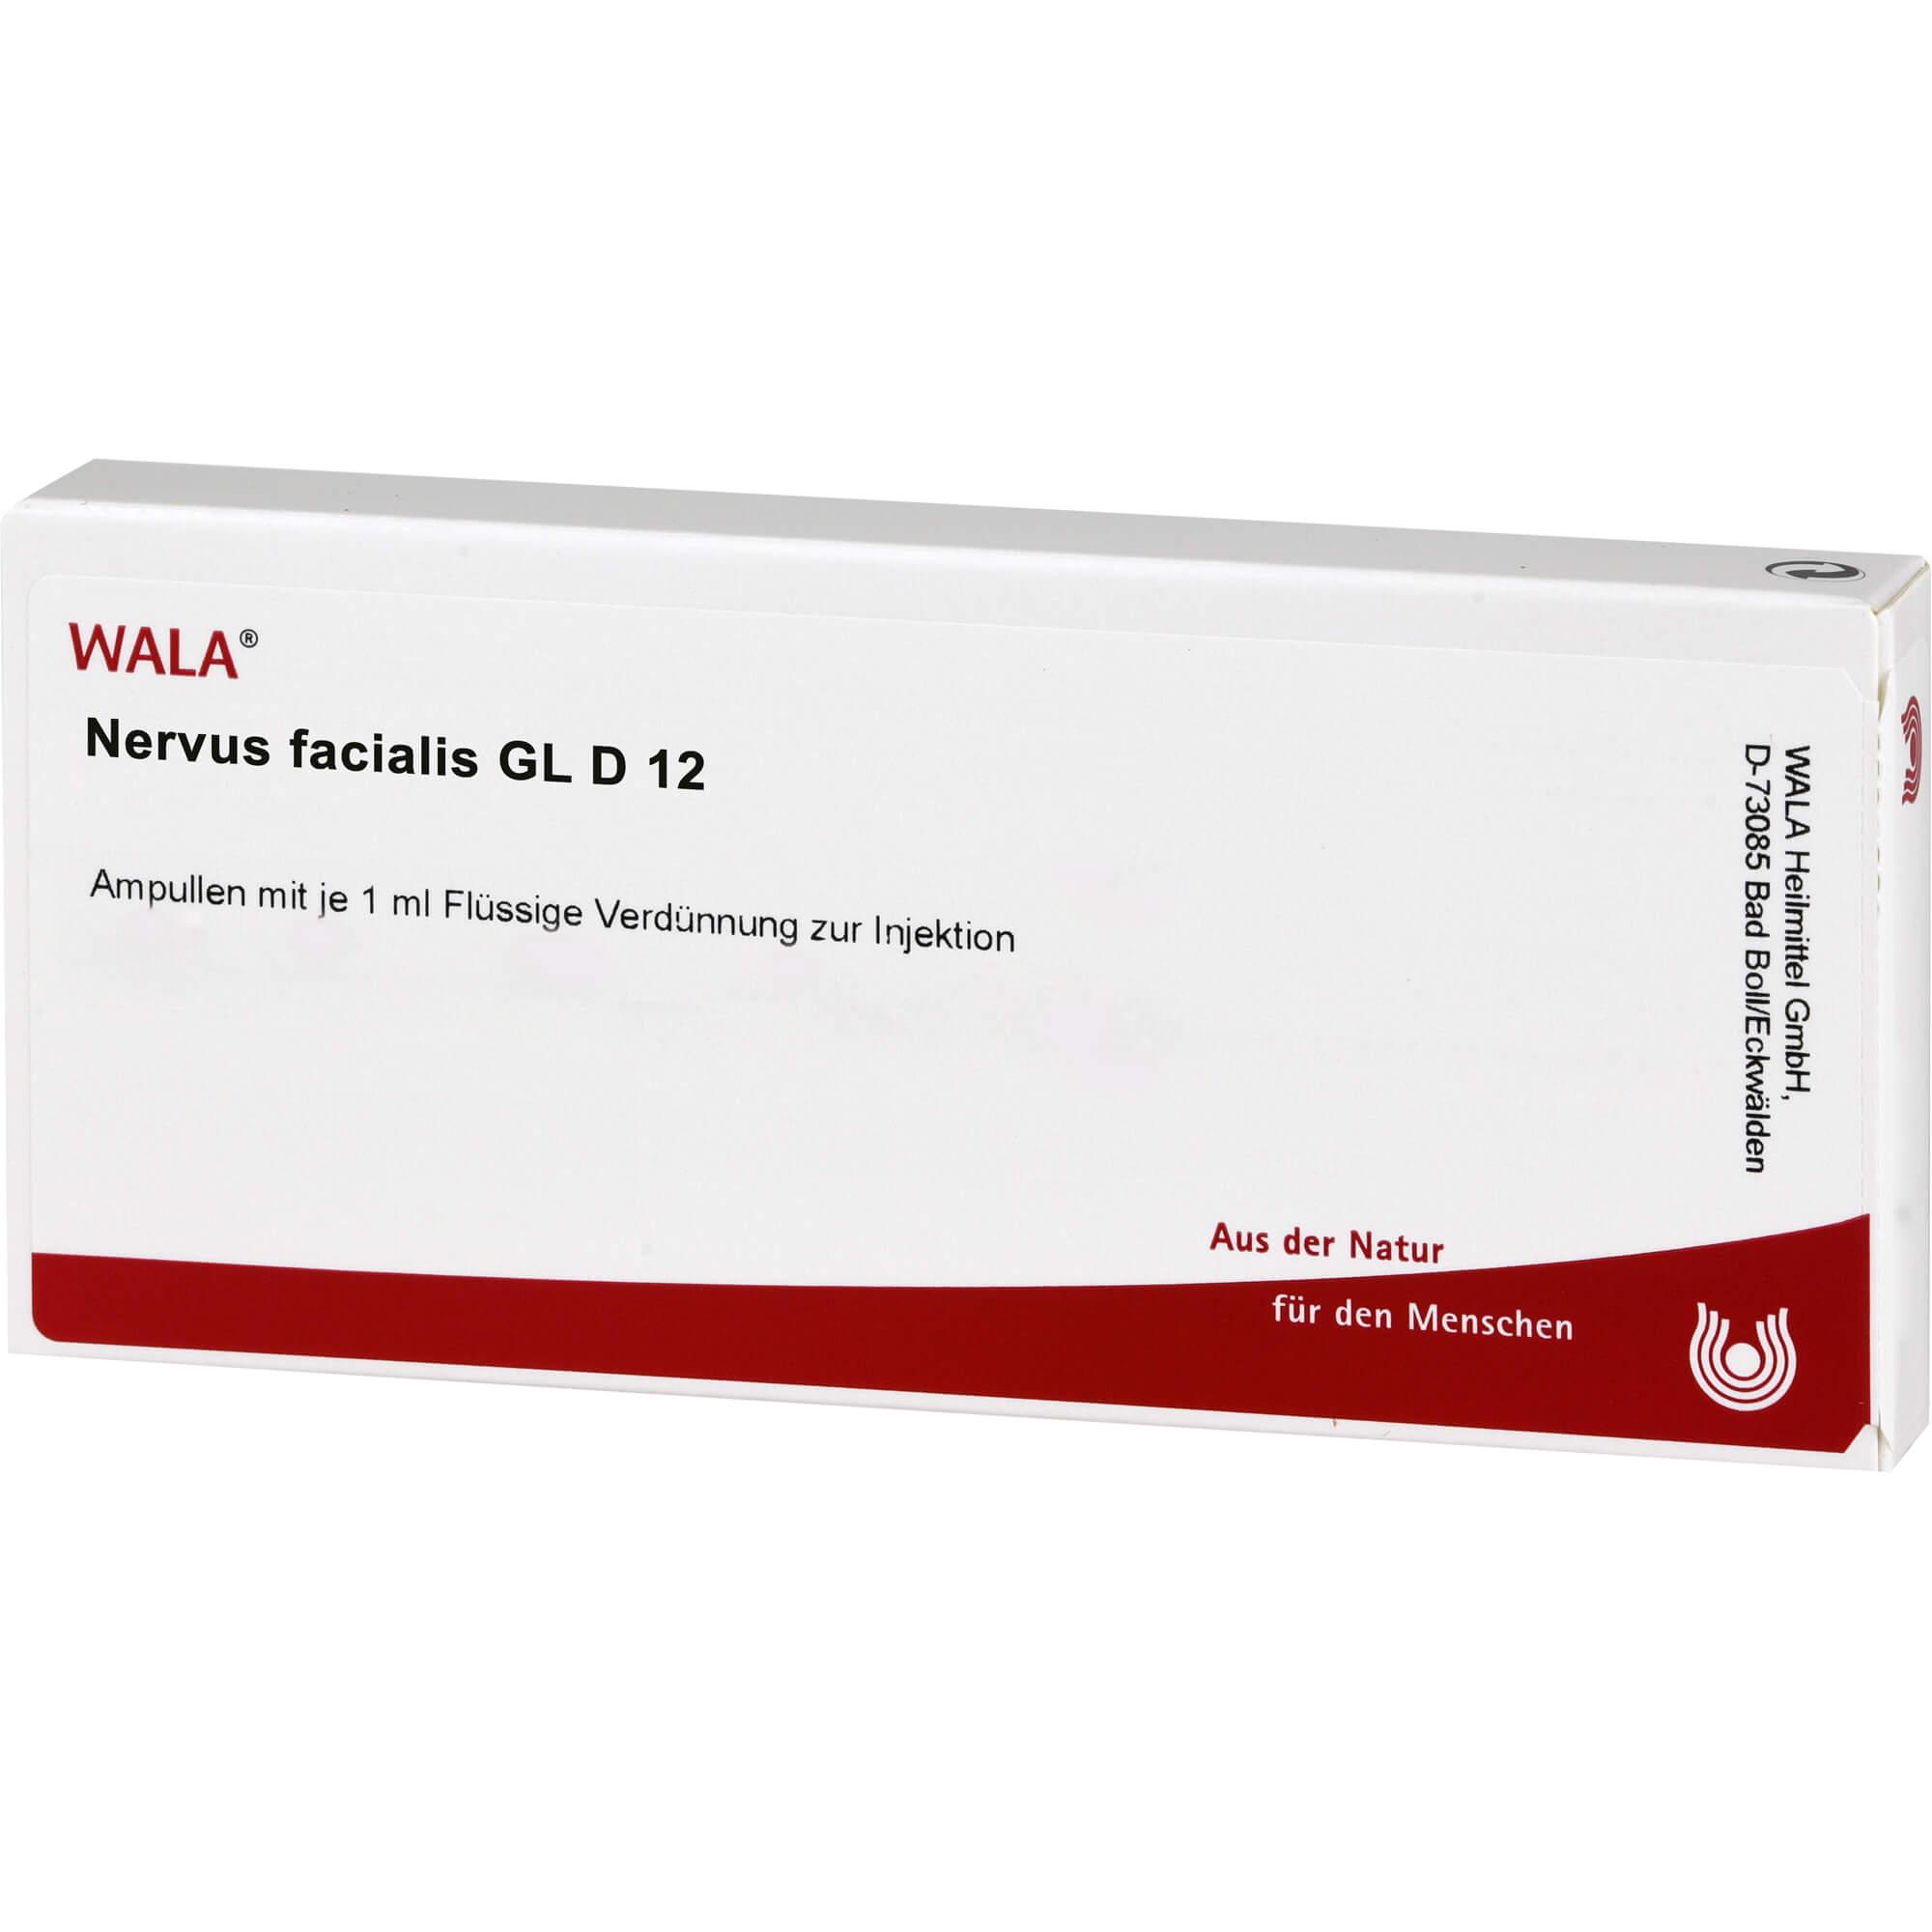 NERVUS FACIALIS GL D 12 Ampullen